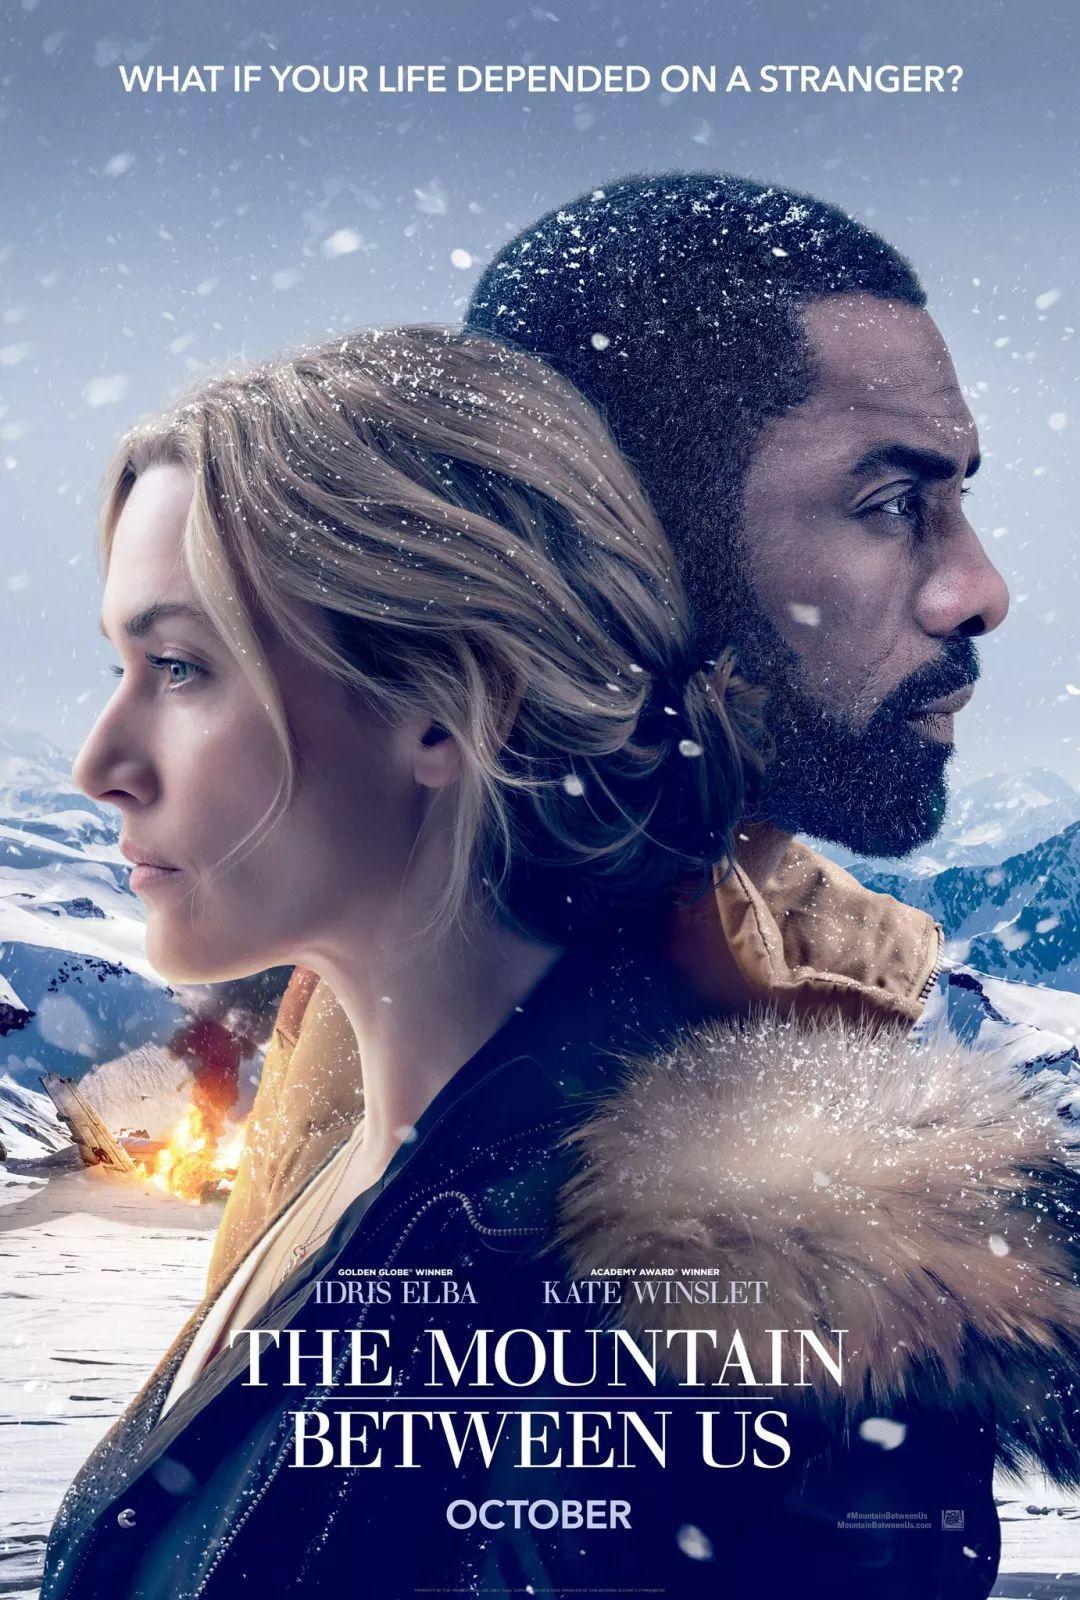 这还真不是有钱就能去的!全球首部南极实拍电影,听说差点把赵又廷拍瞎了...